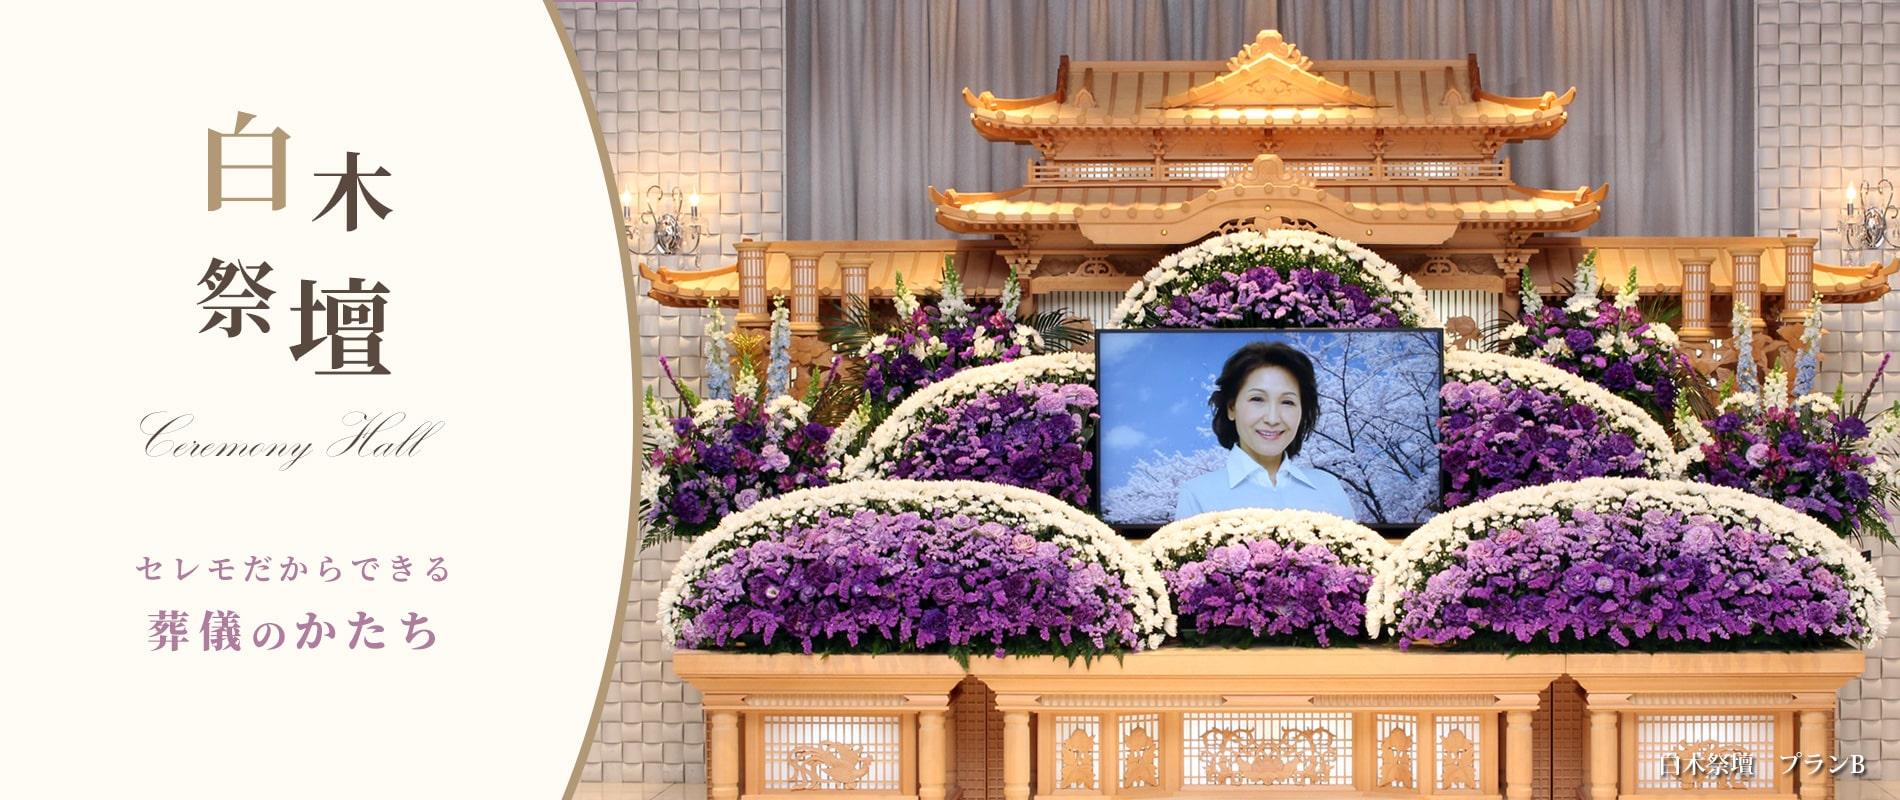 CEREMO白木祭壇